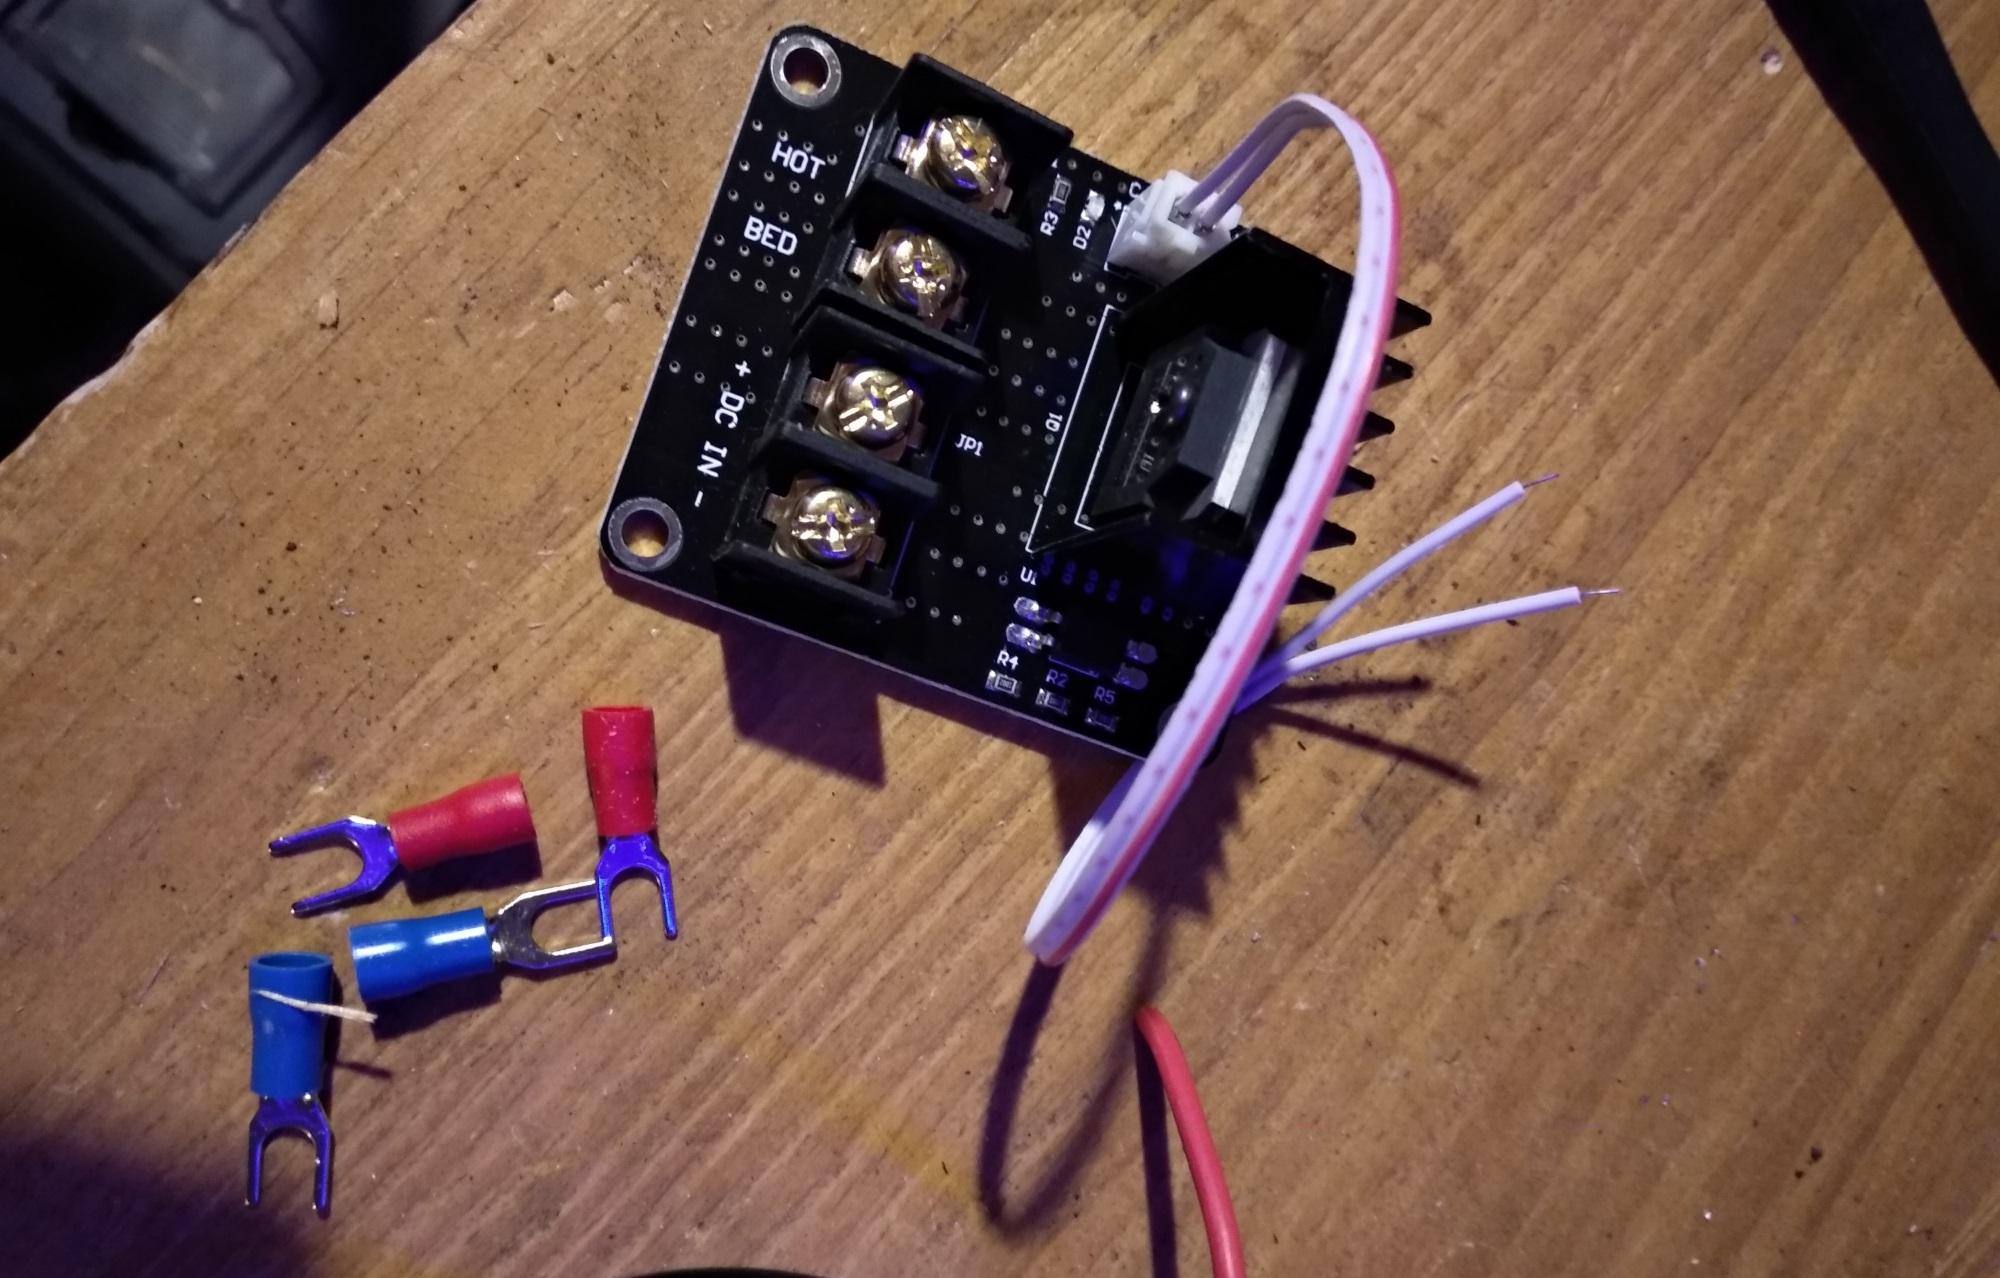 Comment et pourquoi installer des MOSFET  sur une imprimante 3D Anet A8 ?